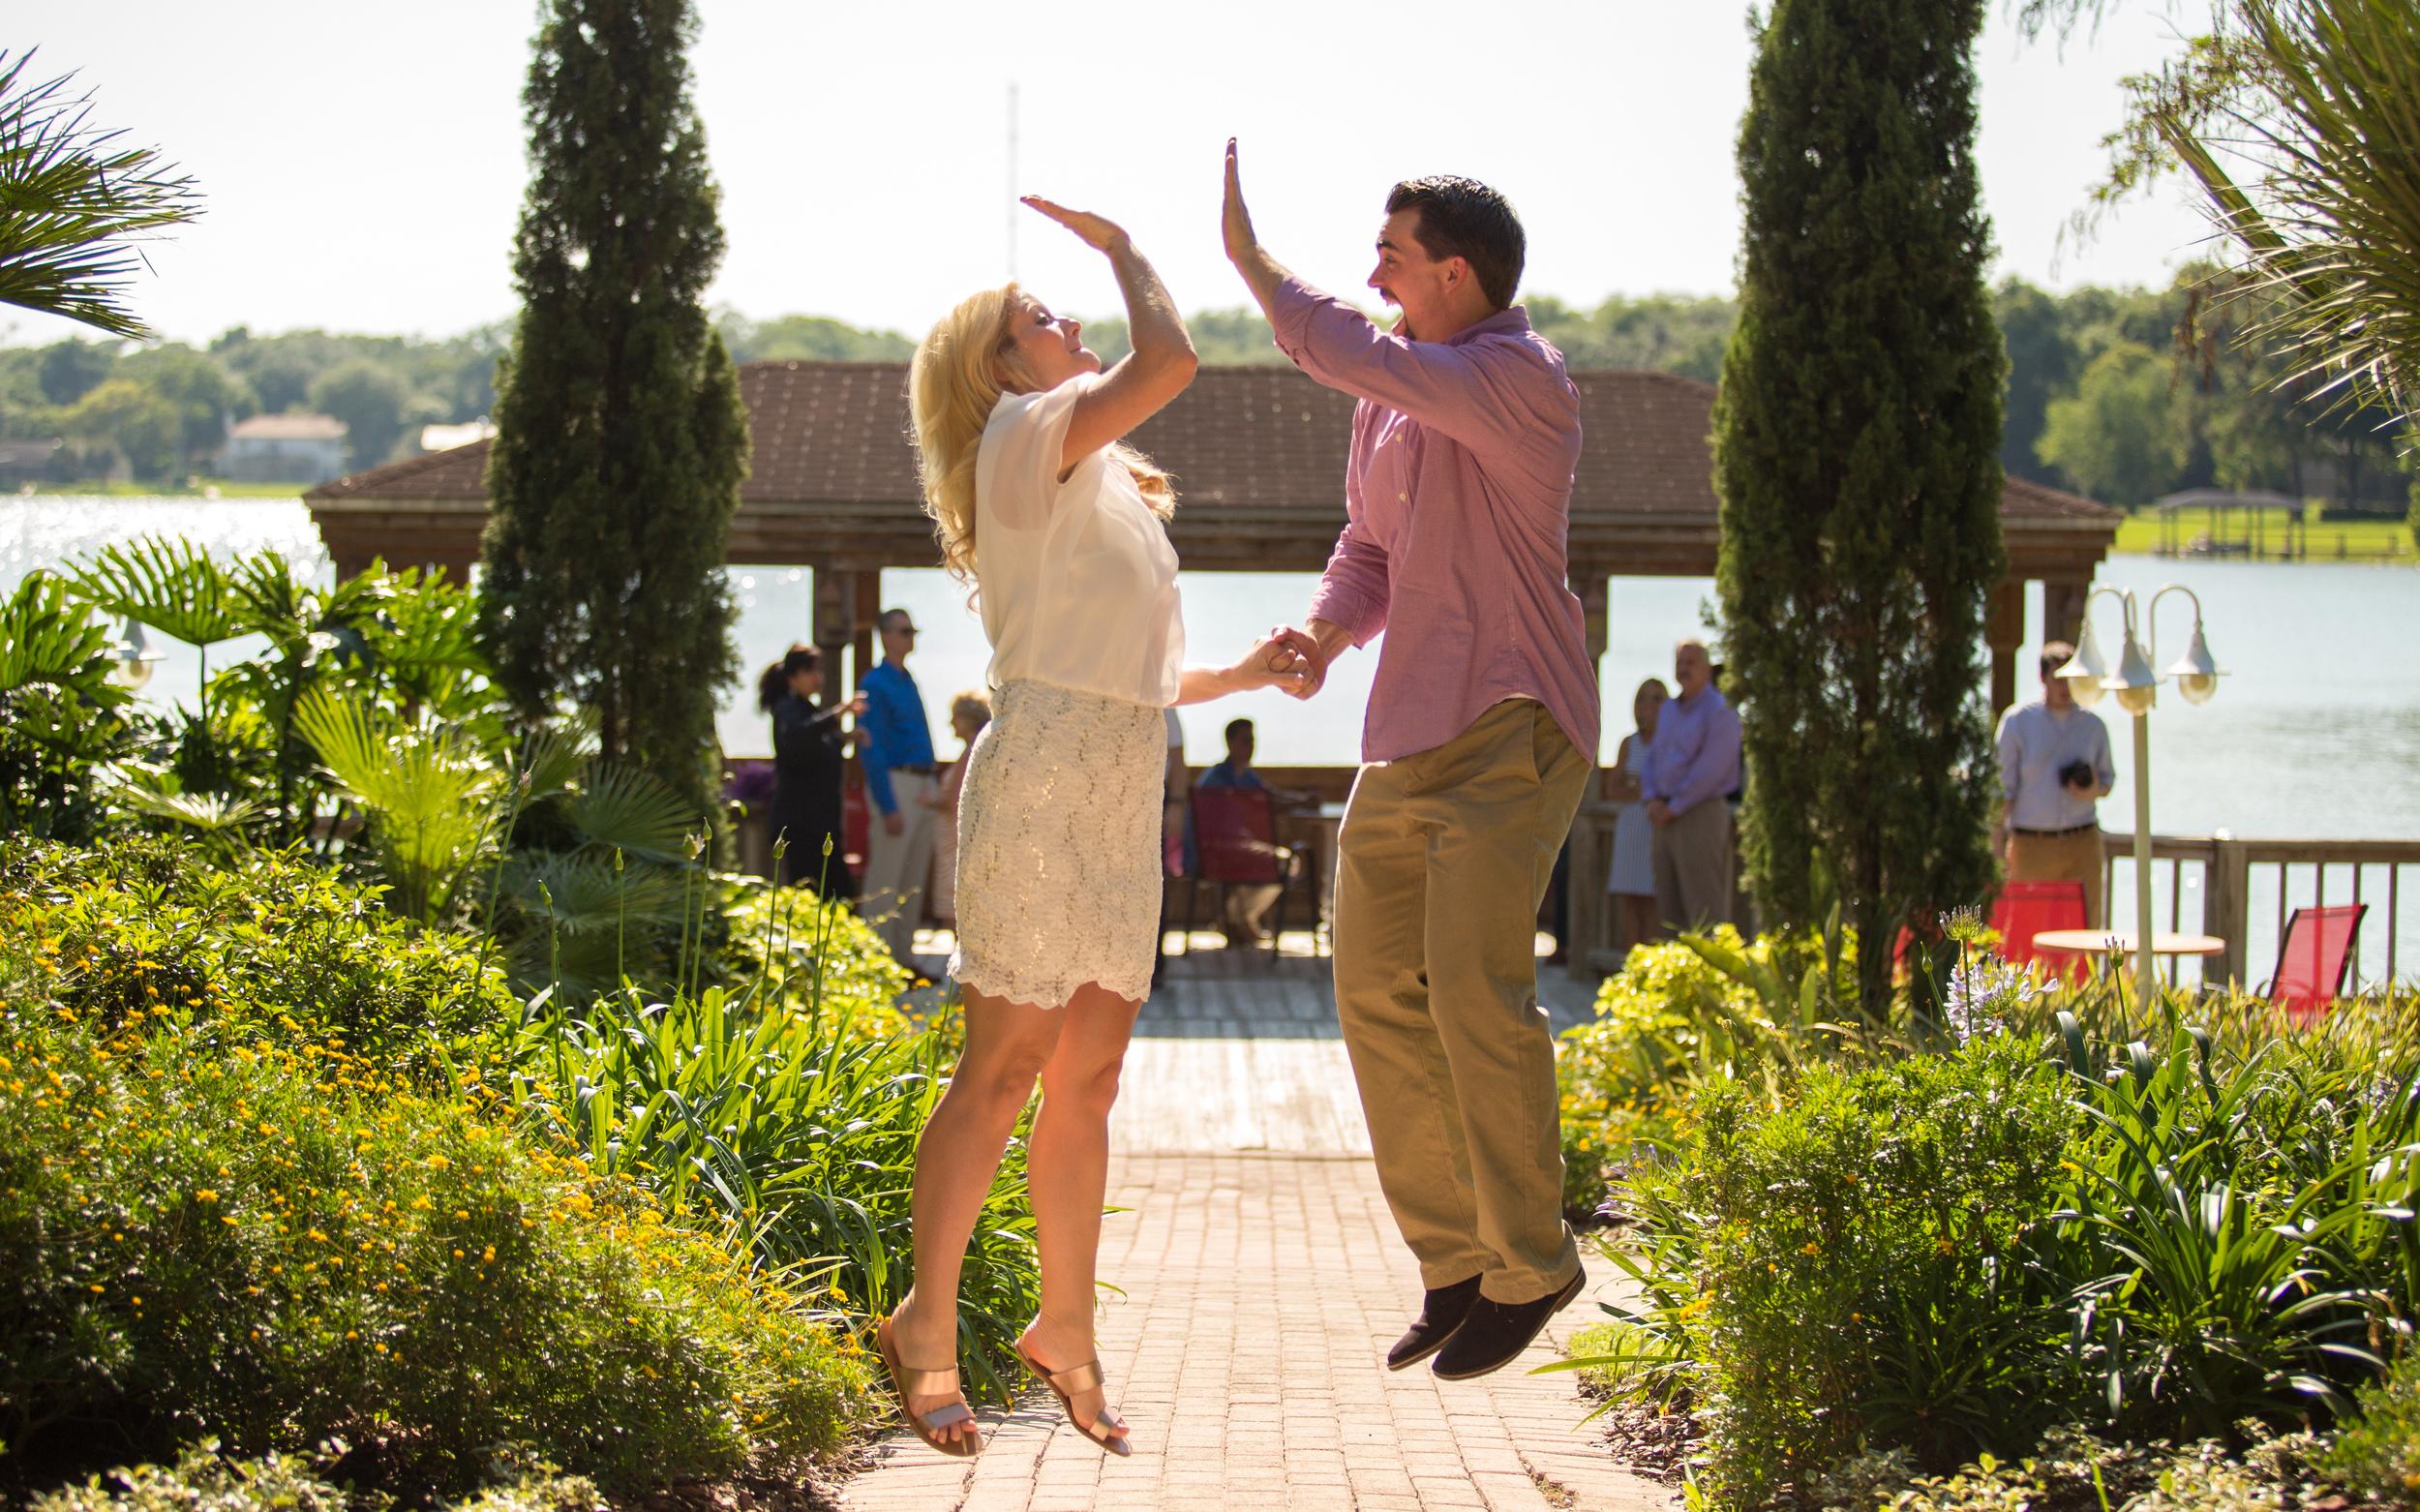 Jordan barbara jump high five-0001.jpg